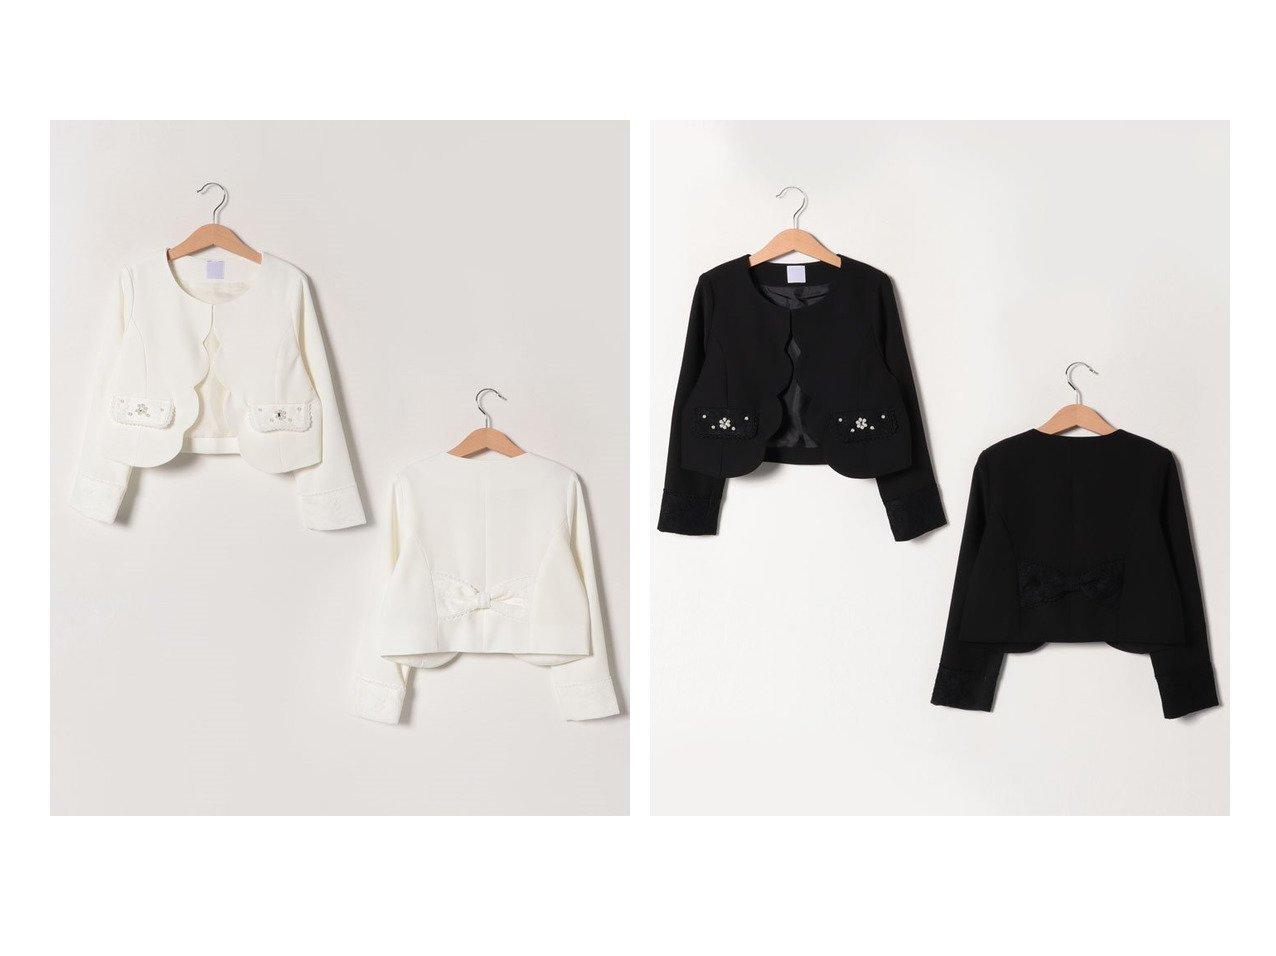 【axes femme / KIDS/アクシーズ ファム】のスカラップ使いジャケット 【KIDS】子供服のおすすめ!人気トレンド・キッズファッションの通販 おすすめで人気の流行・トレンド、ファッションの通販商品 メンズファッション・キッズファッション・インテリア・家具・レディースファッション・服の通販 founy(ファニー) https://founy.com/ ファッション Fashion キッズファッション KIDS アウター Coat Outerwear Kids ジャケット スカラップ レース  ID:crp329100000023168